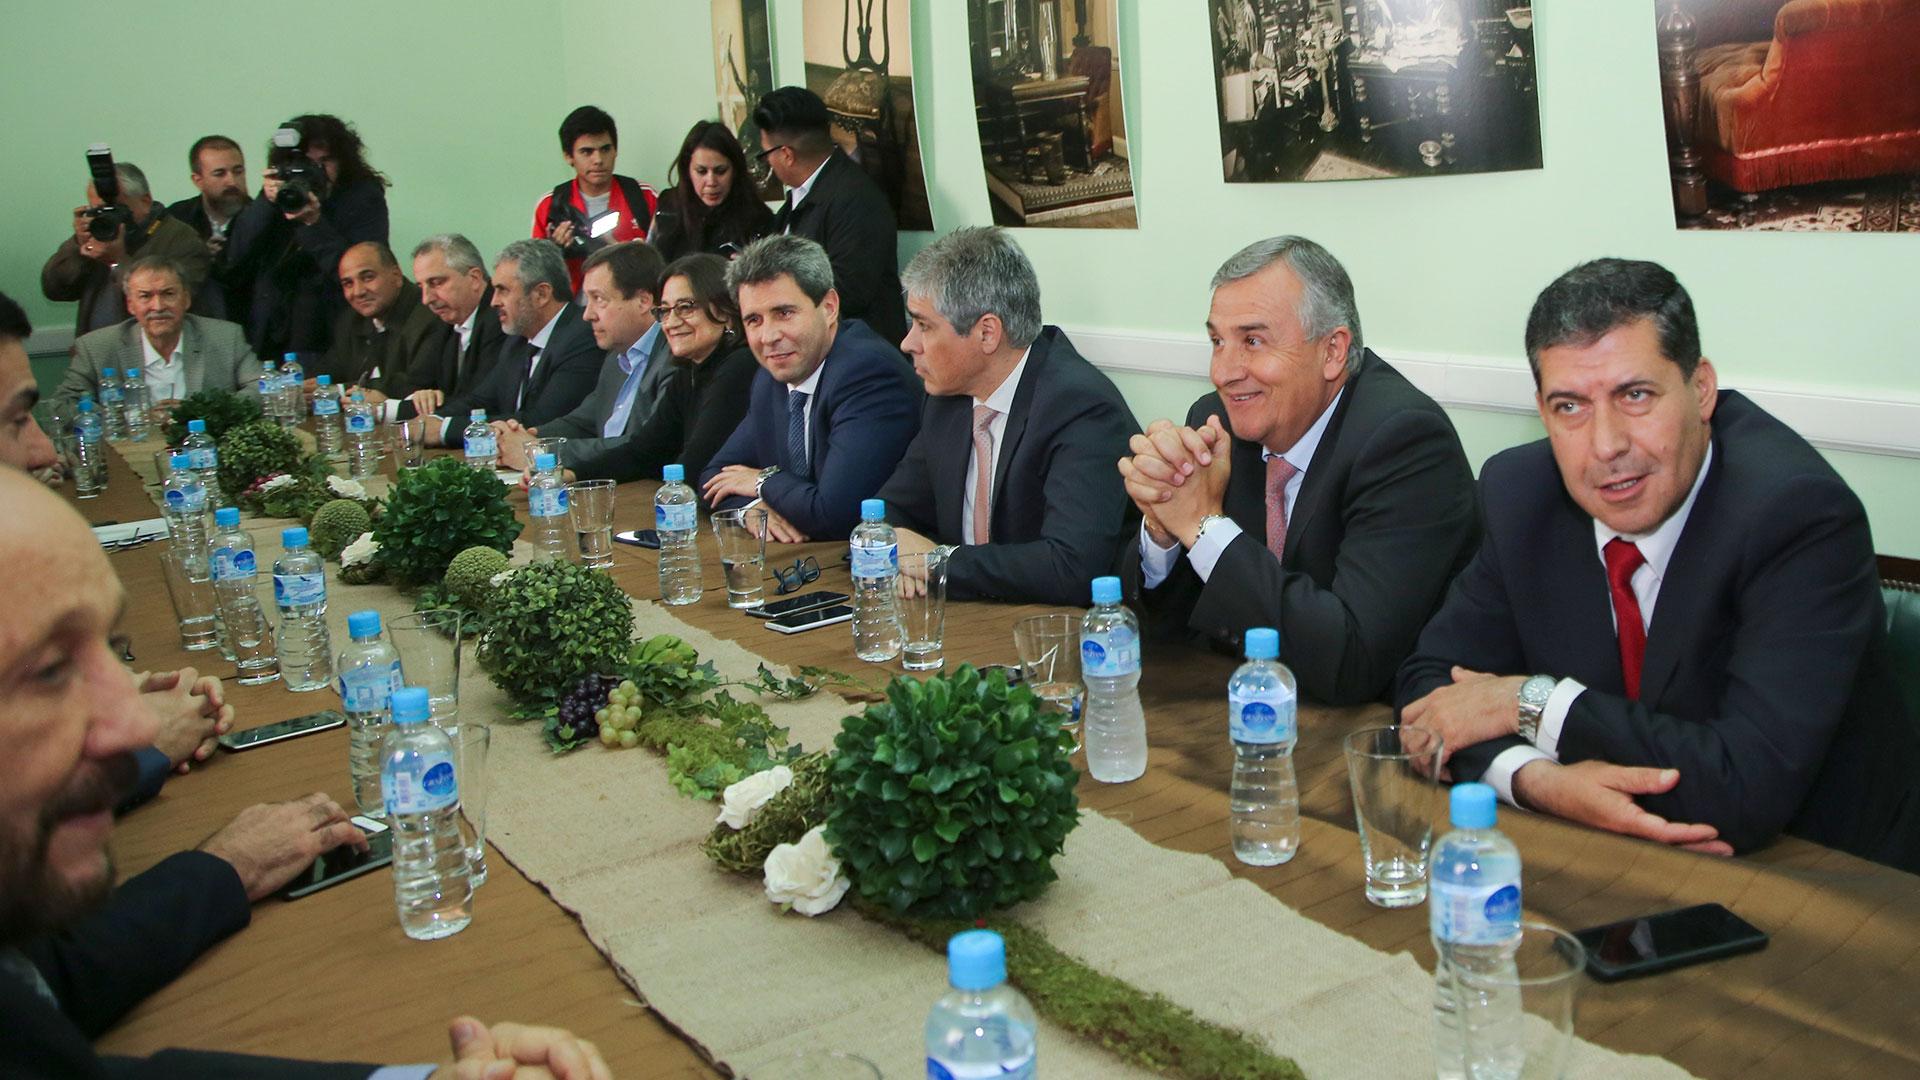 La mayoría de los gobernadores respaldó el decreto del presidente Macri (NA)